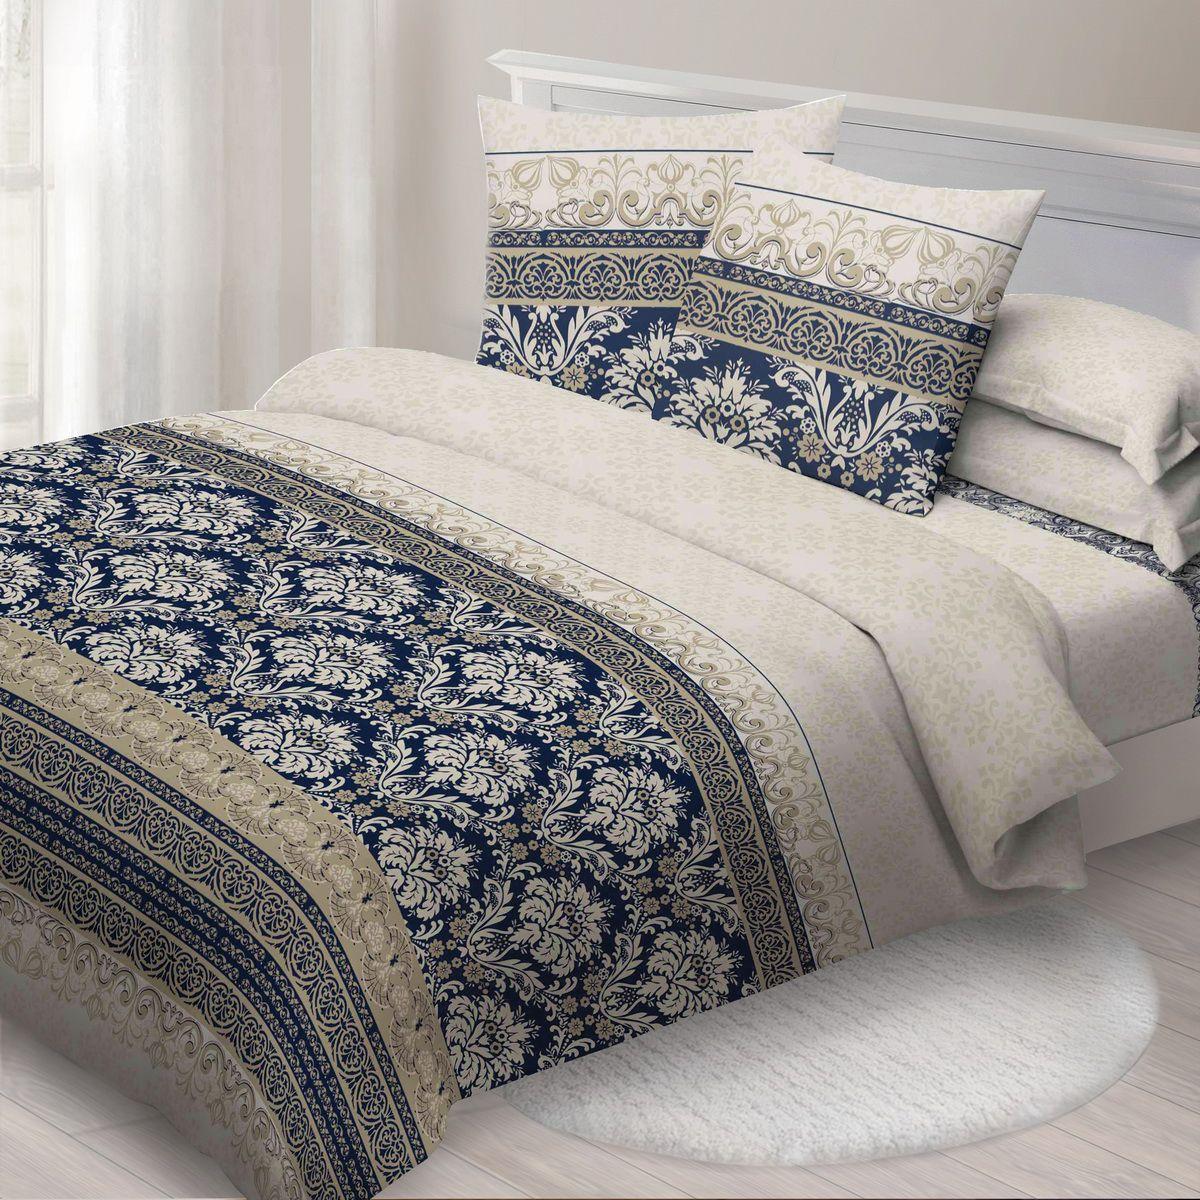 Комплект белья Спал Спалыч Гран при, cемейный, наволочки 70x70, цвет: синий87881Спал Спалыч - недорогое, но качественное постельное белье из белорусской бязи. Актуальные дизайны, авторская упаковка в сочетании с качественными материалами и приемлемой ценой - залог успеха Спал Спалыча! В ассортименте широкая линейка домашнего текстиля для всей семьи - современные дизайны современному покупателю! Ткань обработана по технологии PERFECT WAY - благодаря чему, она становится более гладкой и шелковистой. • Бязь Барановичи 100% хлопок • Плотность ткани - 125 гр/кв.м.